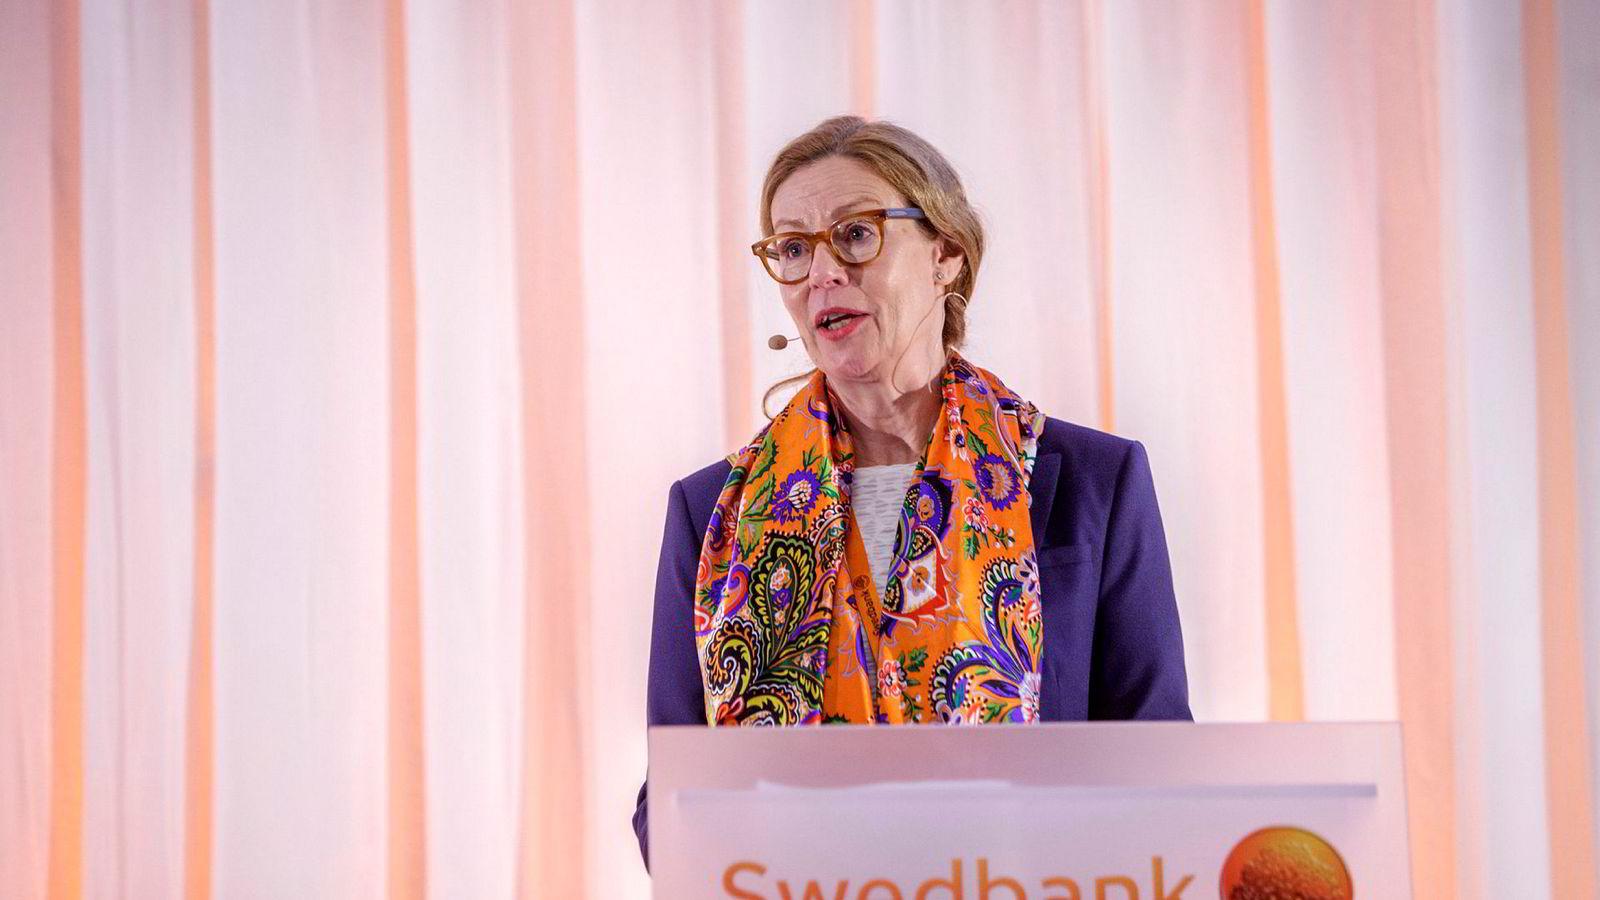 Ifølge SVT skal Swedbank allerede i 2013 ha undersøkt koblinger mellom bankens kunder og Magnitskij-affæren. Styret i Swedbank slo i forrige uke fast at det fortsatt har full tillit til konsernsjef Birgitte Bonnesen.